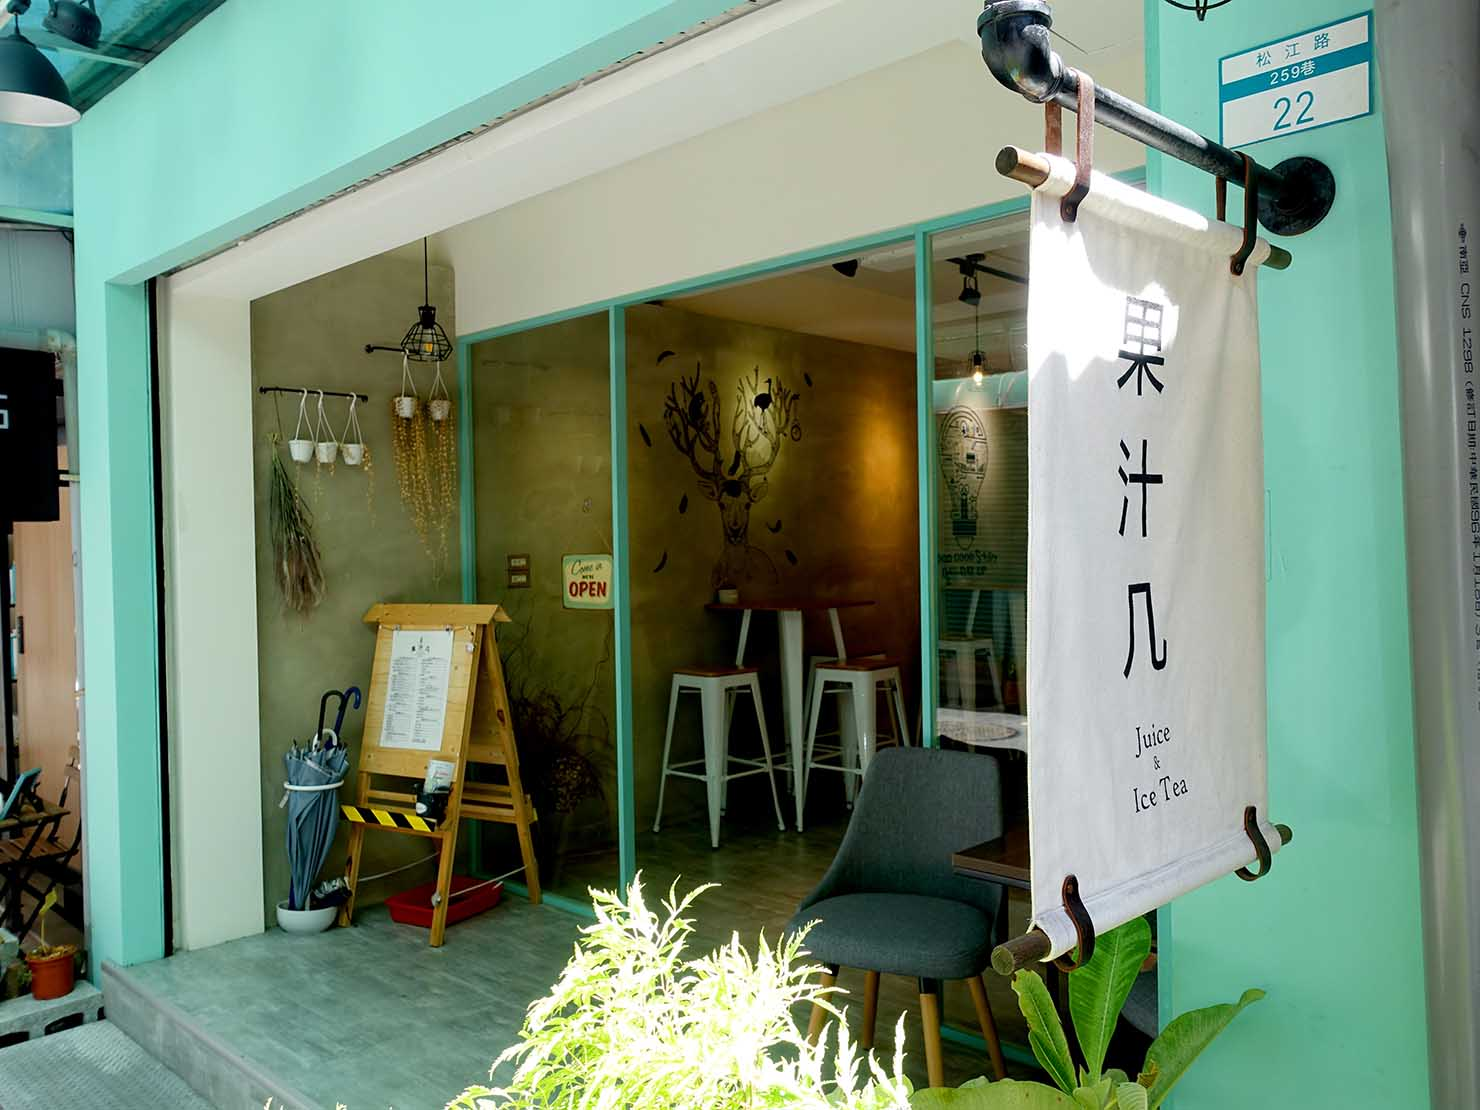 台北・行天宮のおすすめグルメ店「果汁几」の外観